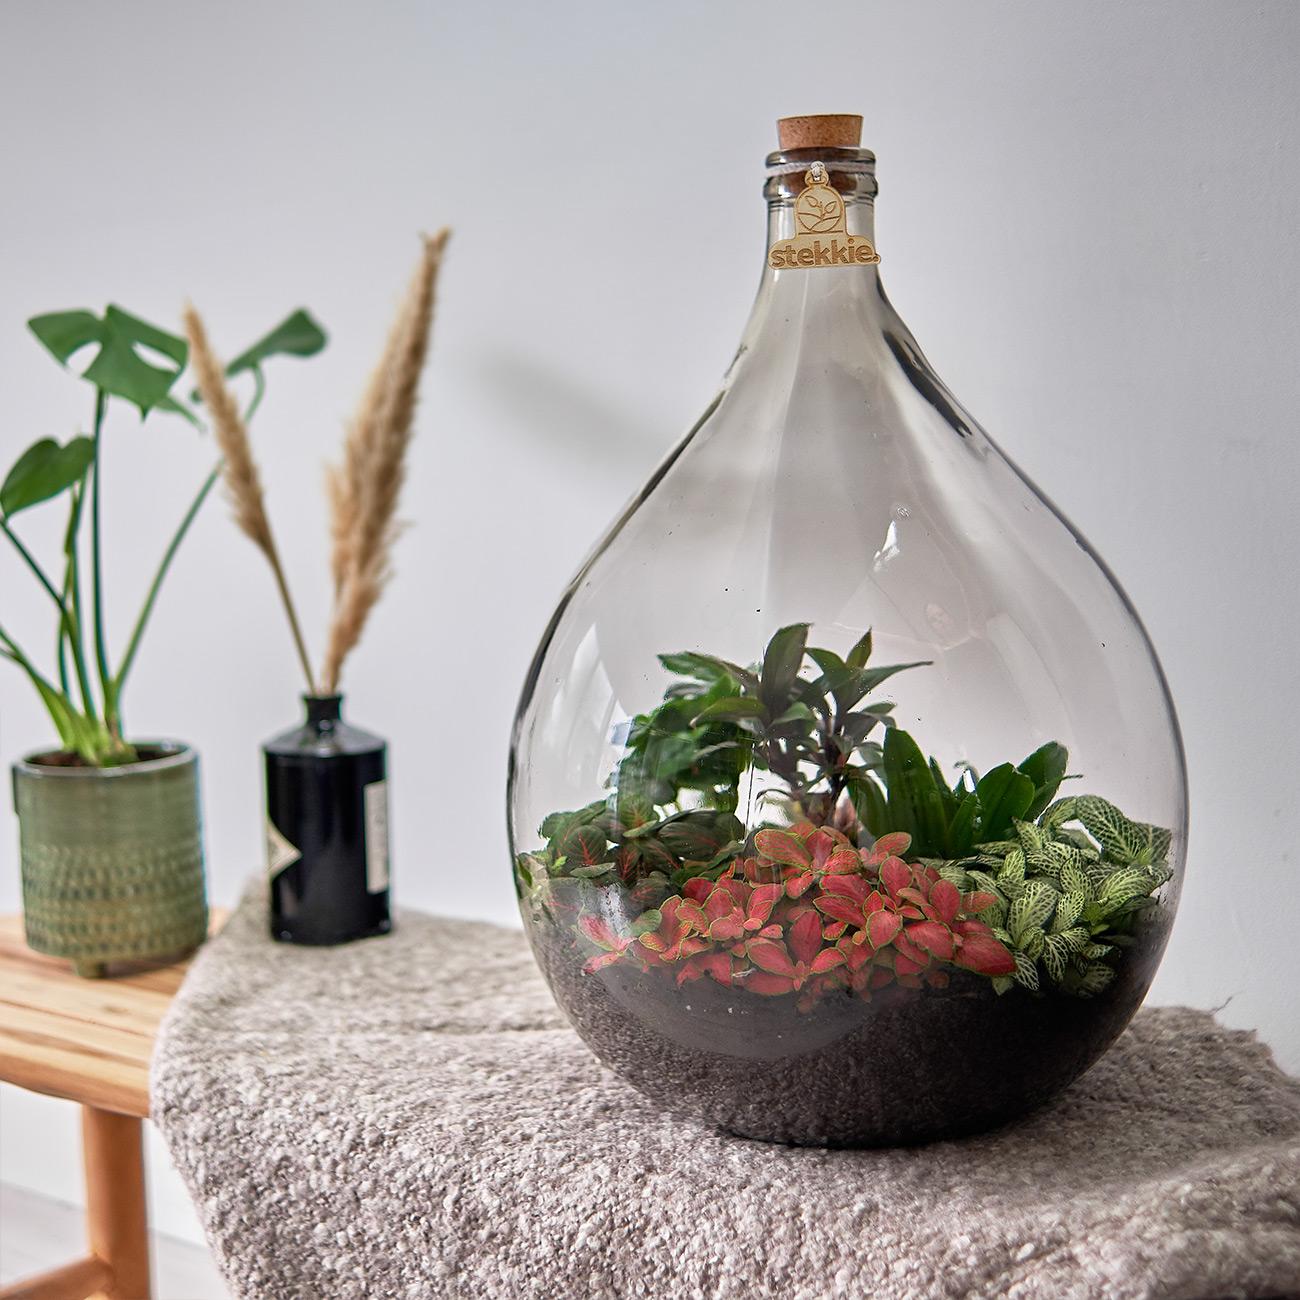 planten terrarium kopen, planten in een fles met kurk